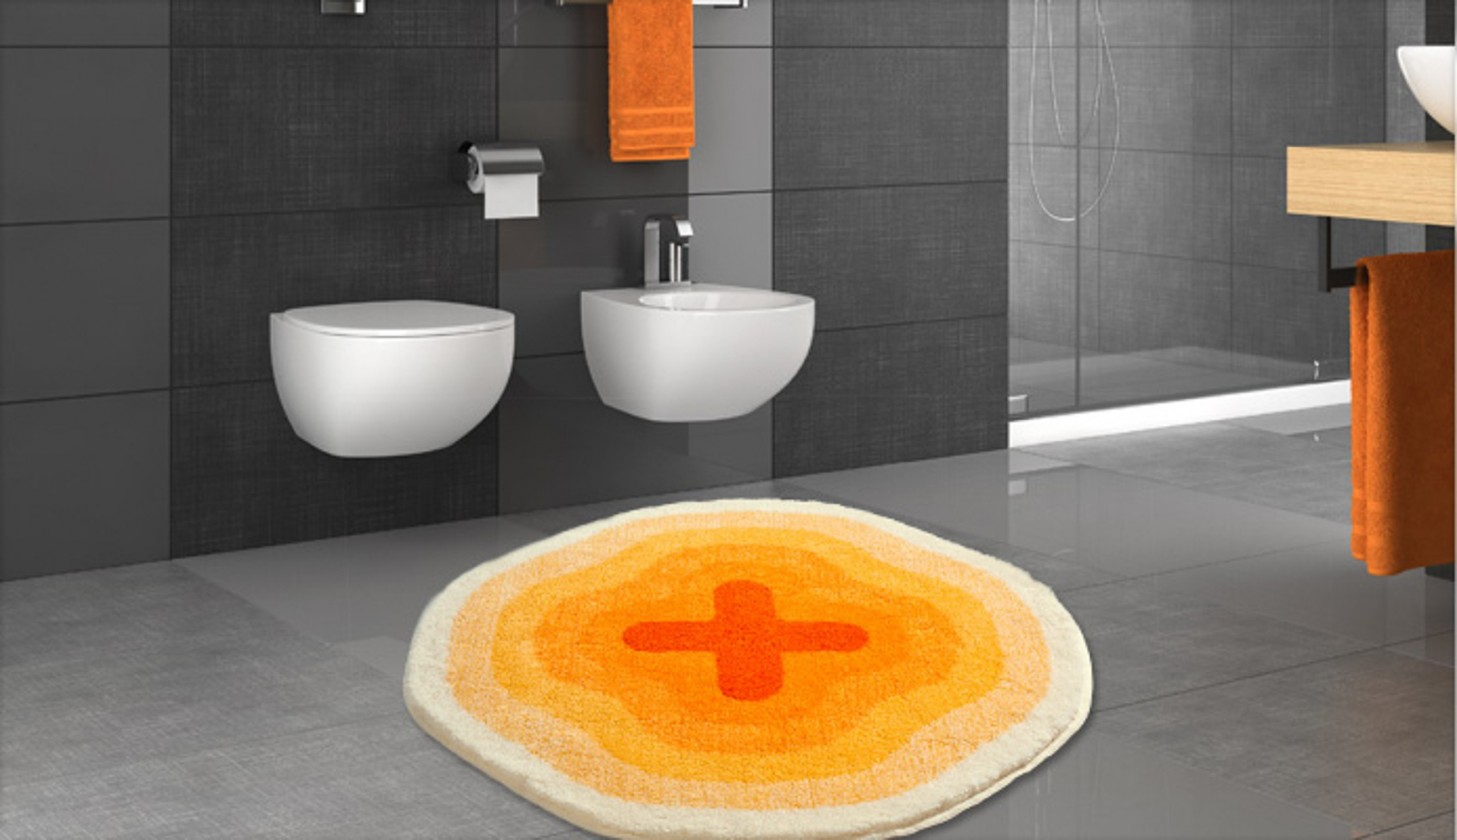 Nábytek Karim 03 - Předložka kruh 90 cm (žlutá)